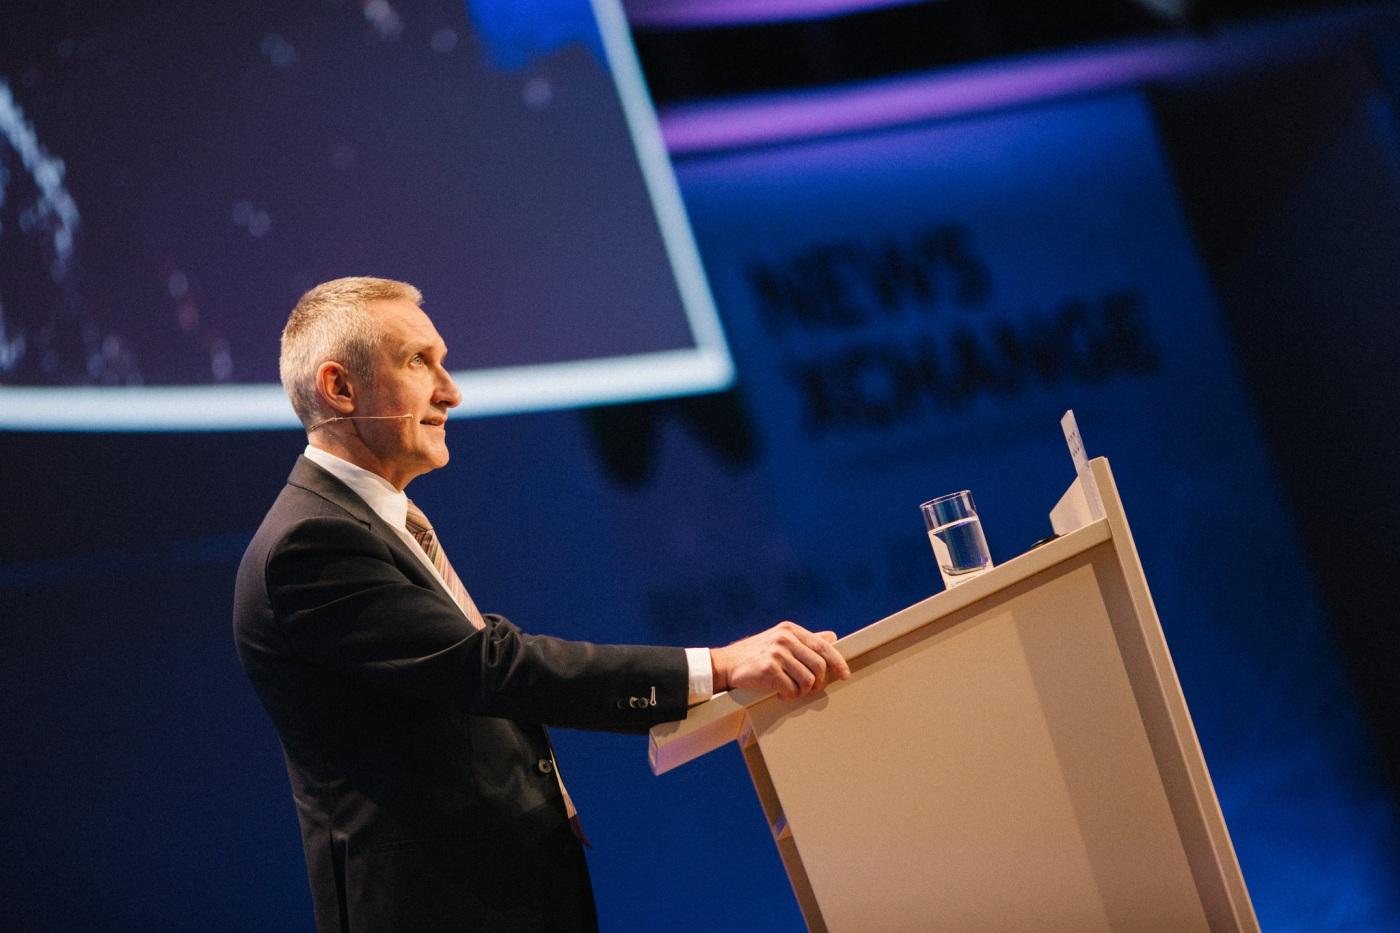 Jean Philip de Tender, durante la conferencia de News Xchange.